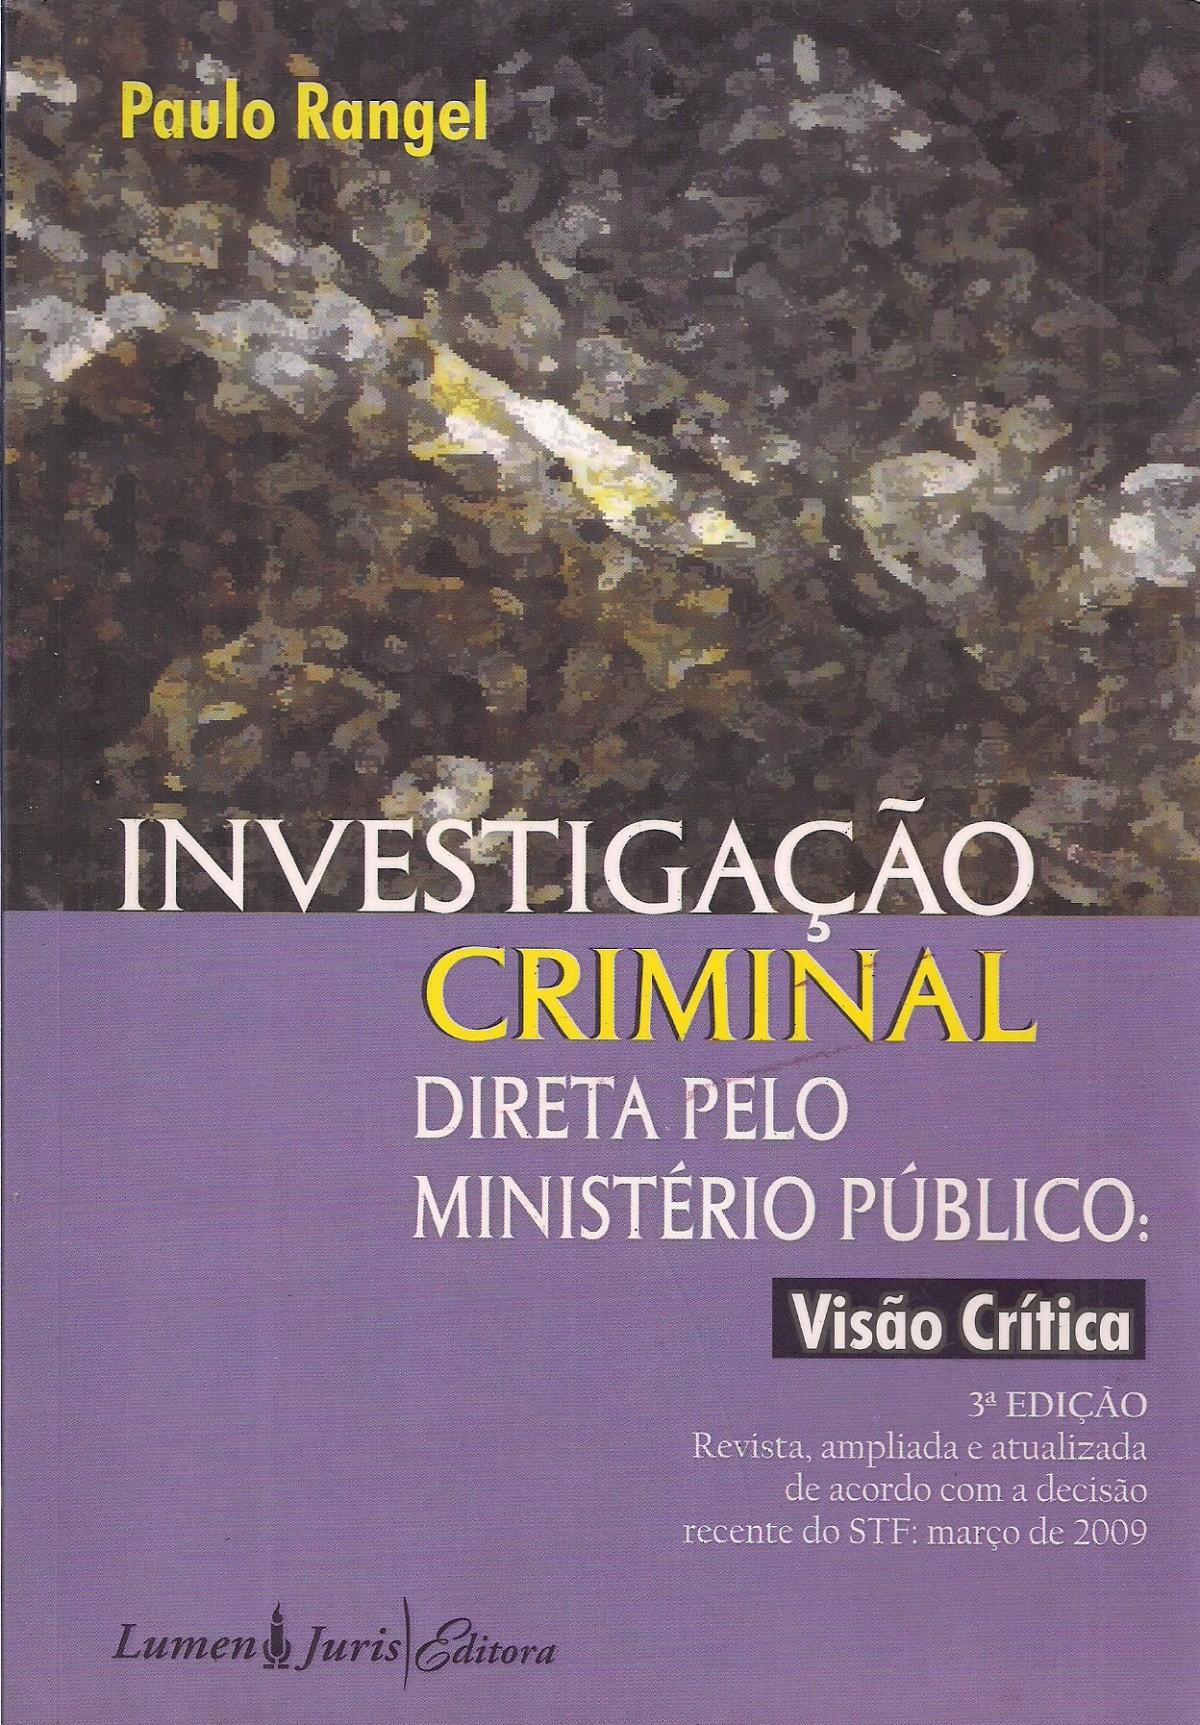 Foto 1 - Investigação Criminal Direta Pelo Ministério Público - Visão Crítica - 3ª Edição